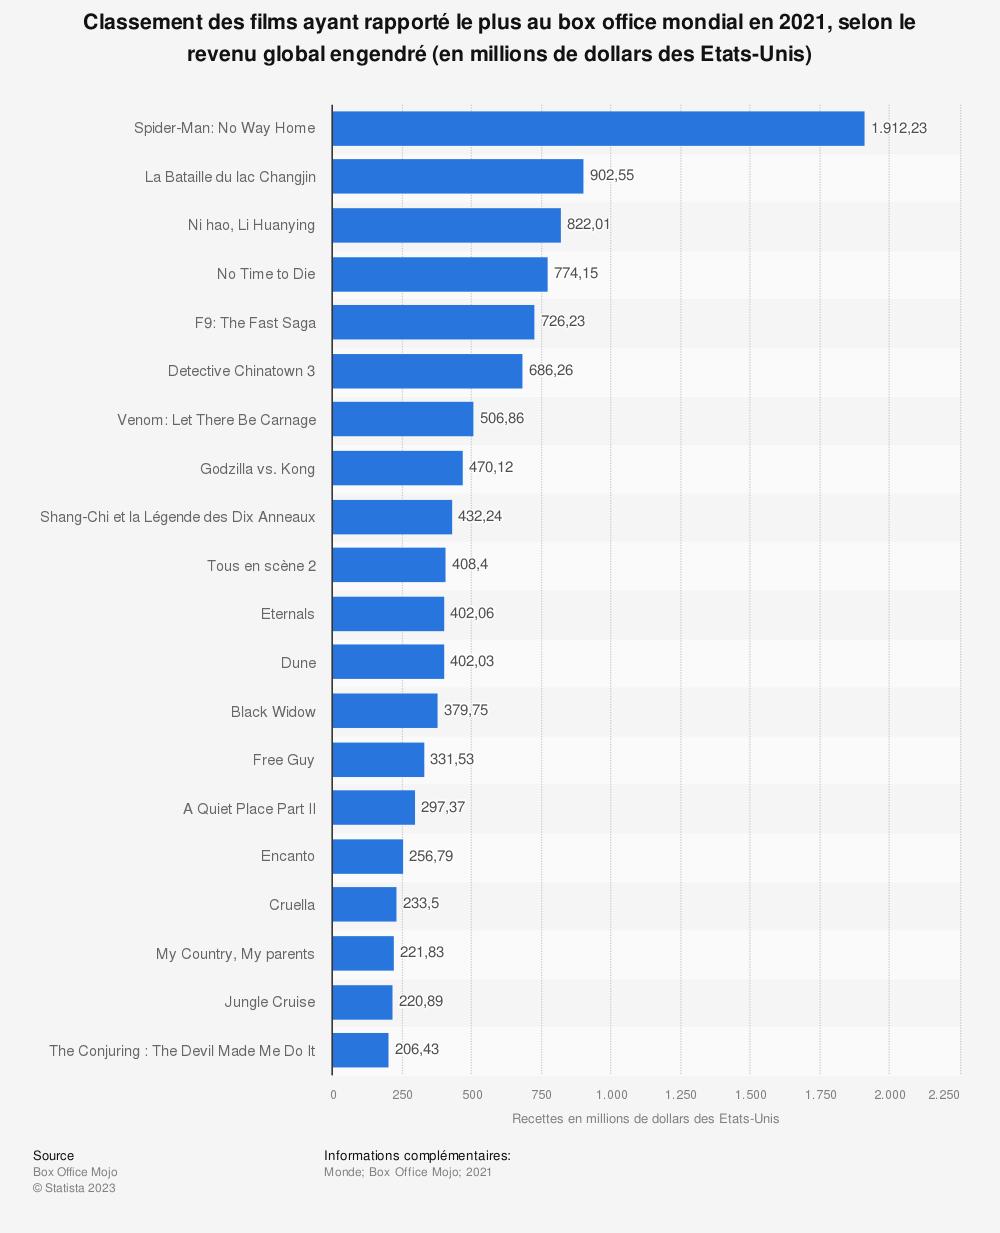 Statistique: Classement des films ayant rapporté le plus au box office mondial en date du 19 juin 2019, selon le revenu global engendré (en millions de dollars des Etats-Unis) | Statista